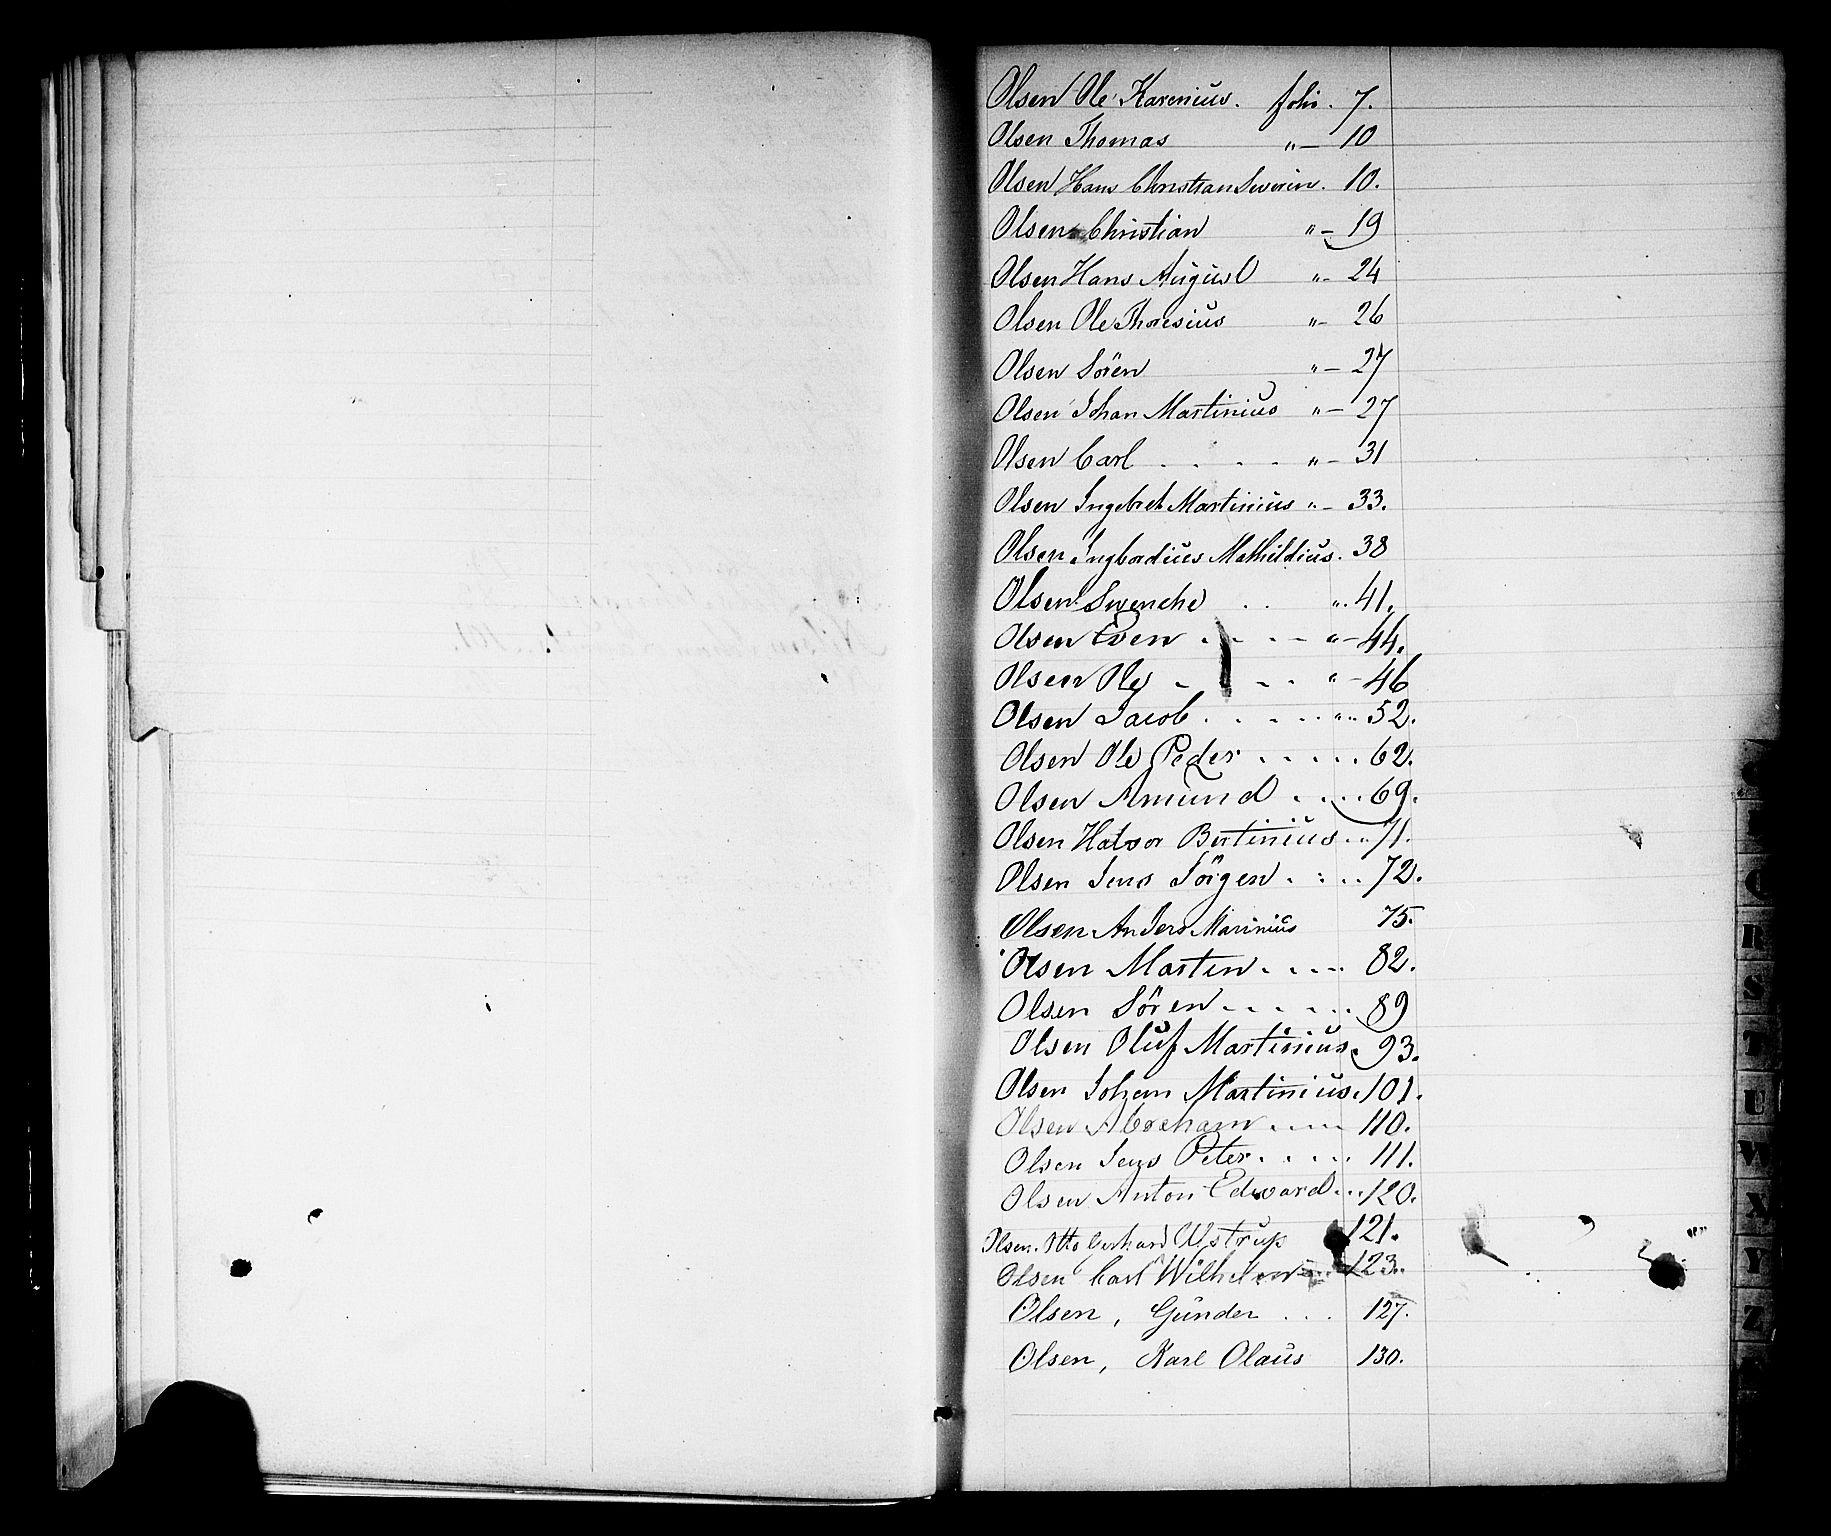 SAKO, Porsgrunn innrulleringskontor, F/Fb/L0001: Annotasjonsrulle, 1860-1868, s. 16